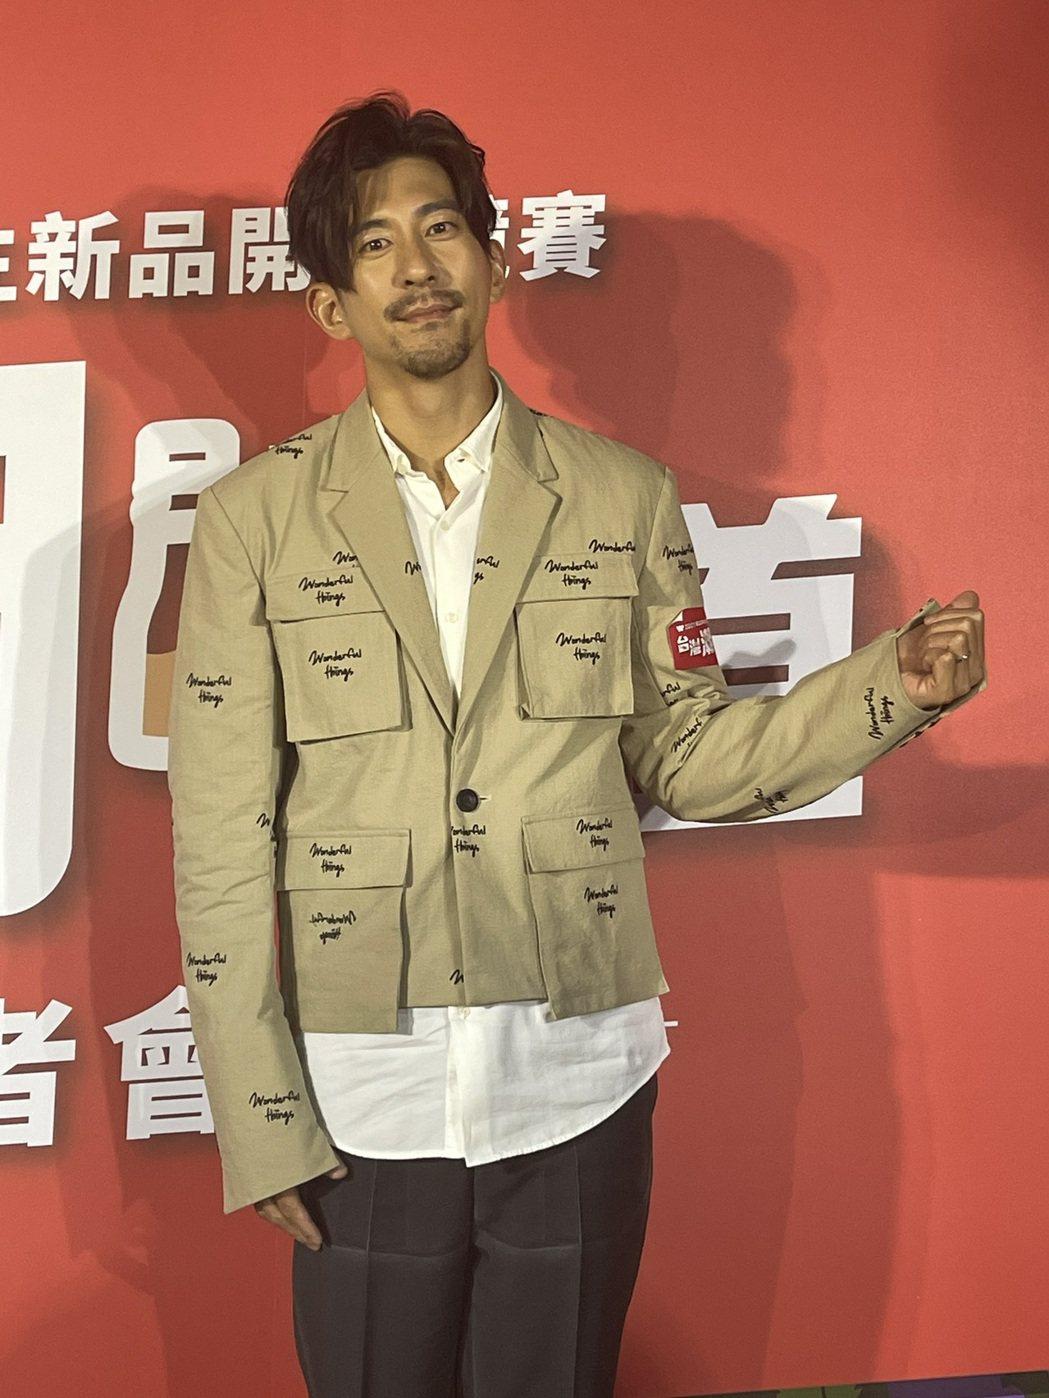 修杰楷用蓄鬍新造型出席活動。記者楊起鳳/攝影